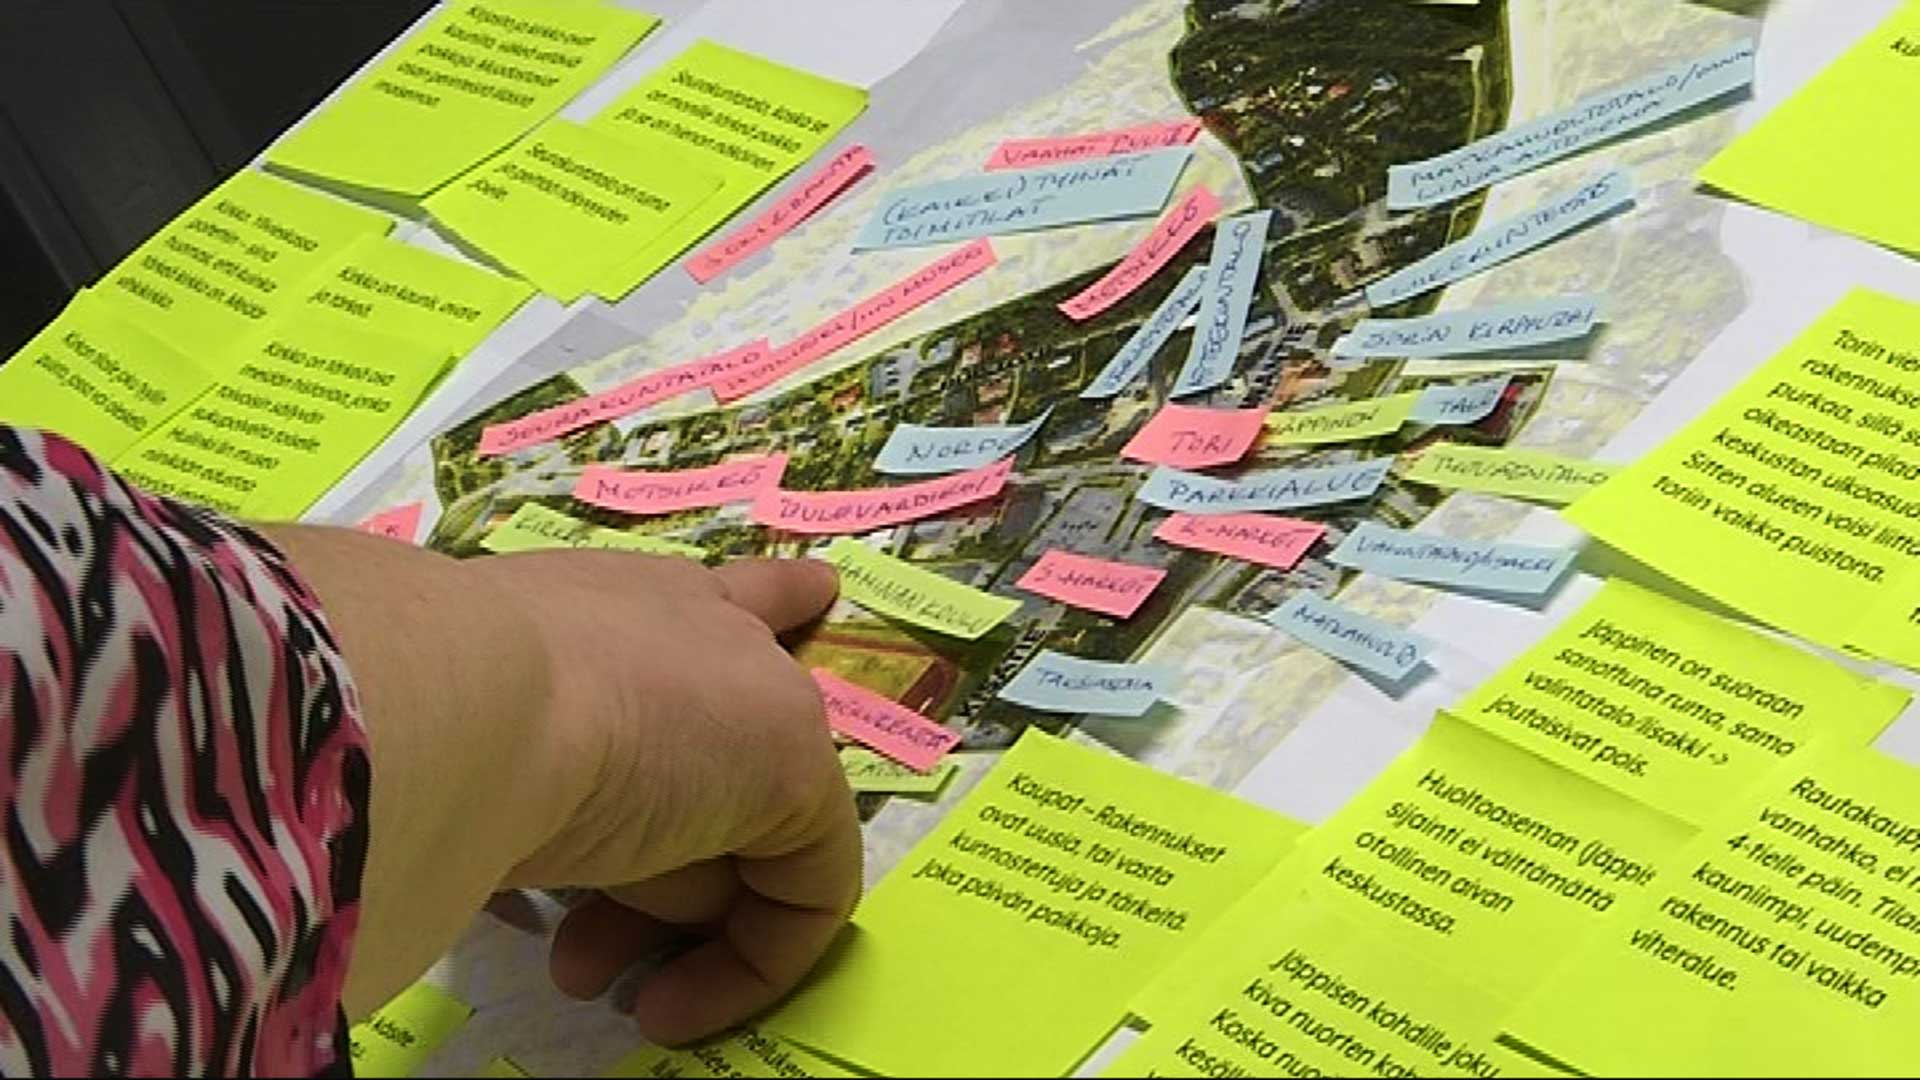 Kaavatyön pohjaksi kuntalaisilta on koottu paljon ehdotuksia ja mielipiteitä muun muassa sosiaalisen median ja kuntalehden kyselyn sekä haastattelujen avulla.